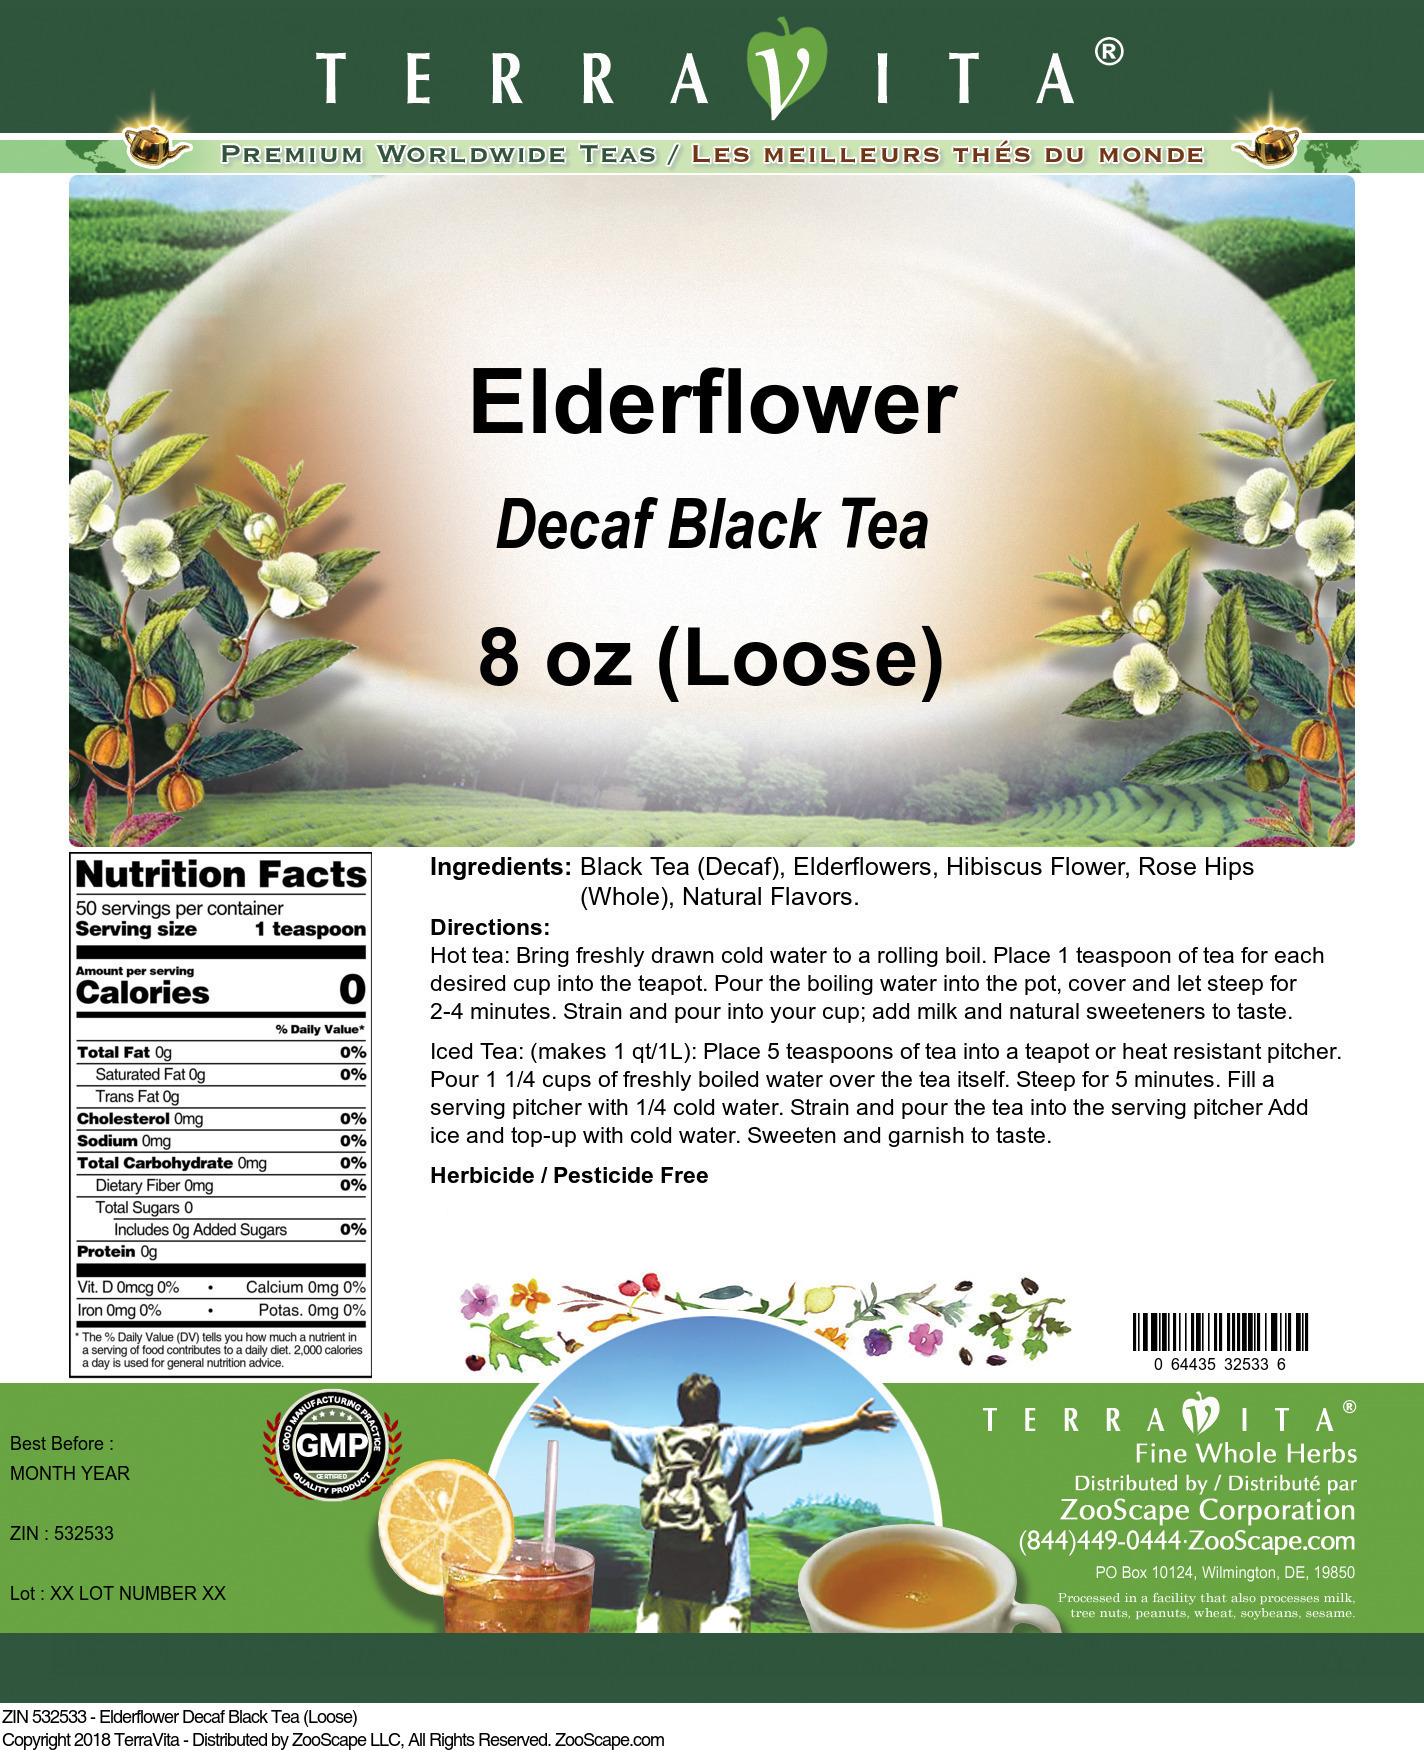 Elderflower Decaf Black Tea (Loose)